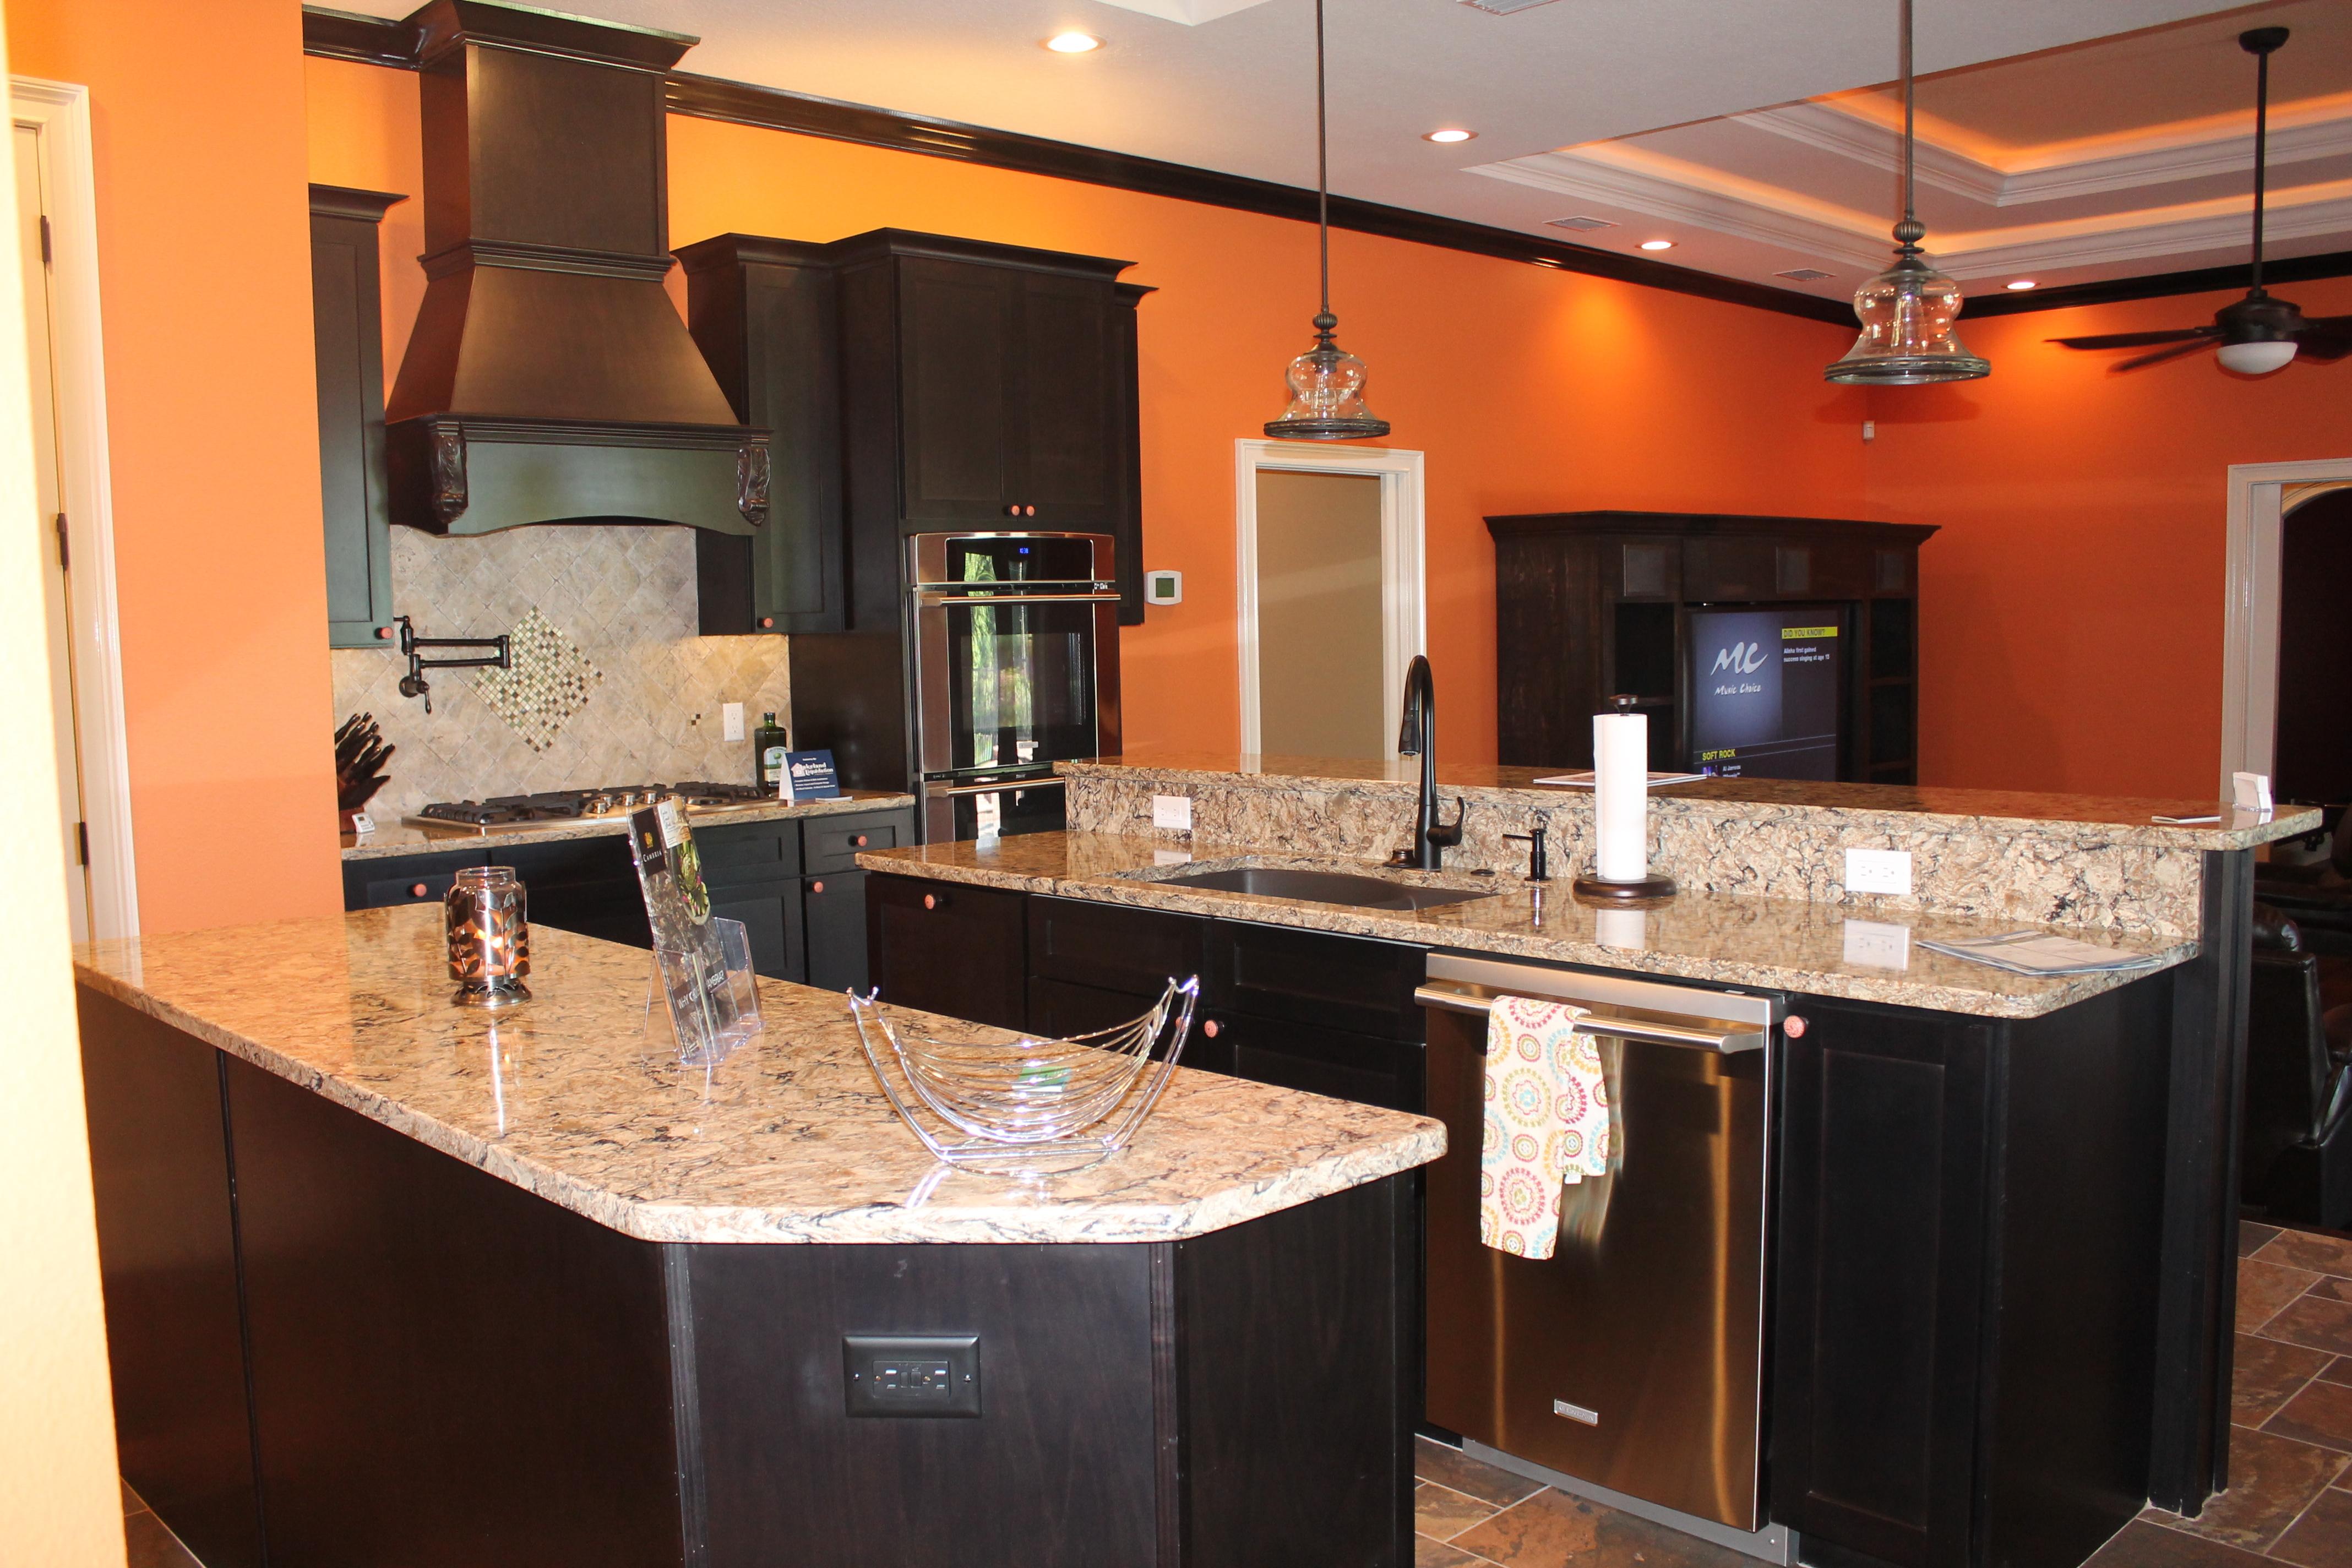 Lakeland Liquidation In Lakeland, FL 33801